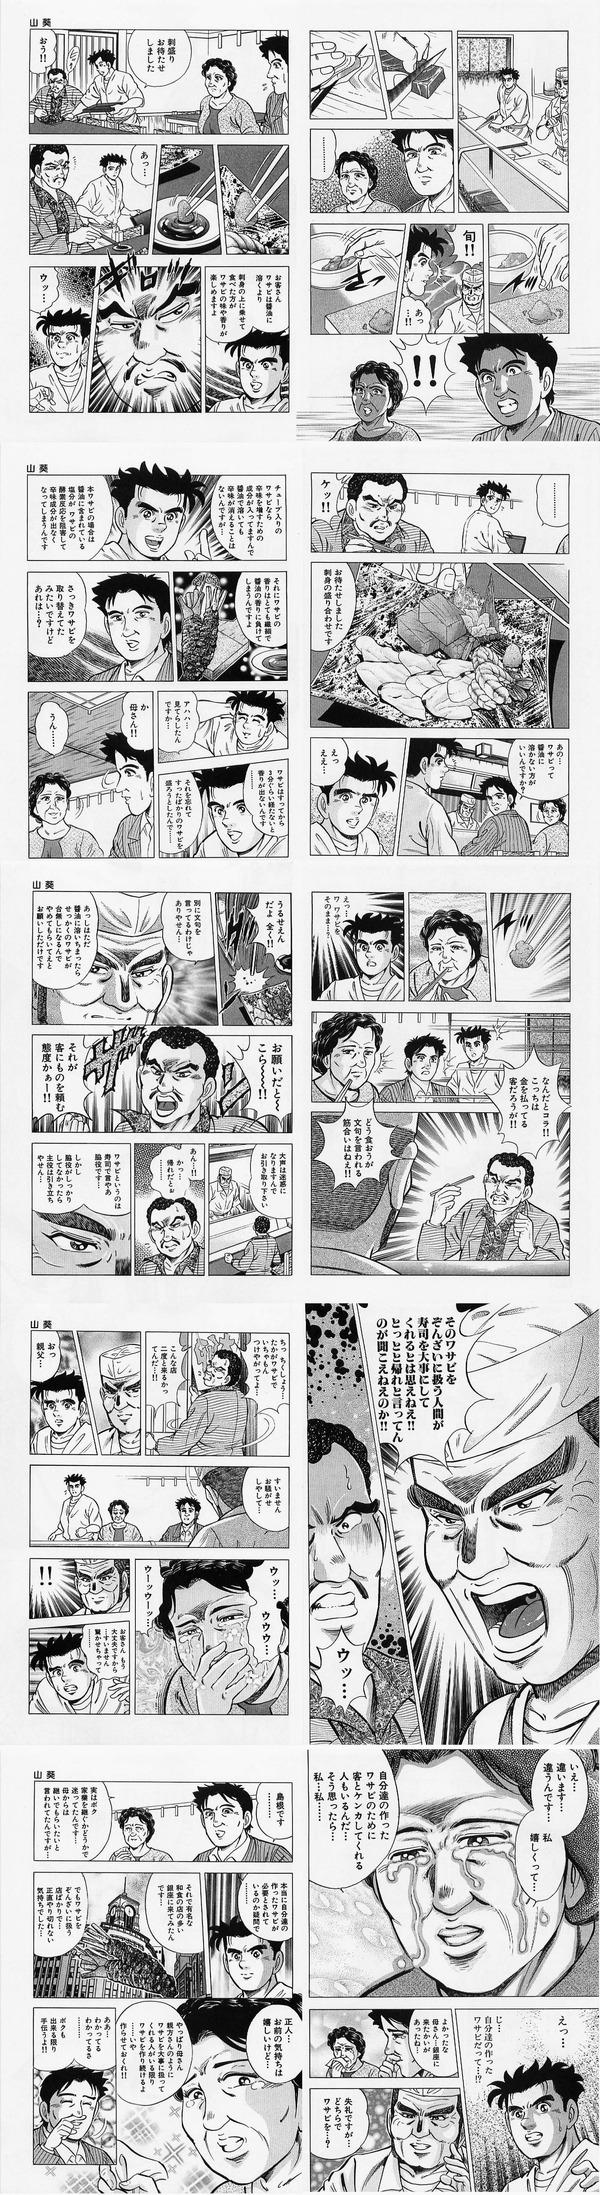 【悲報】寿司漫画のチンピラさん、醤油にわさびをつけて怒鳴られる